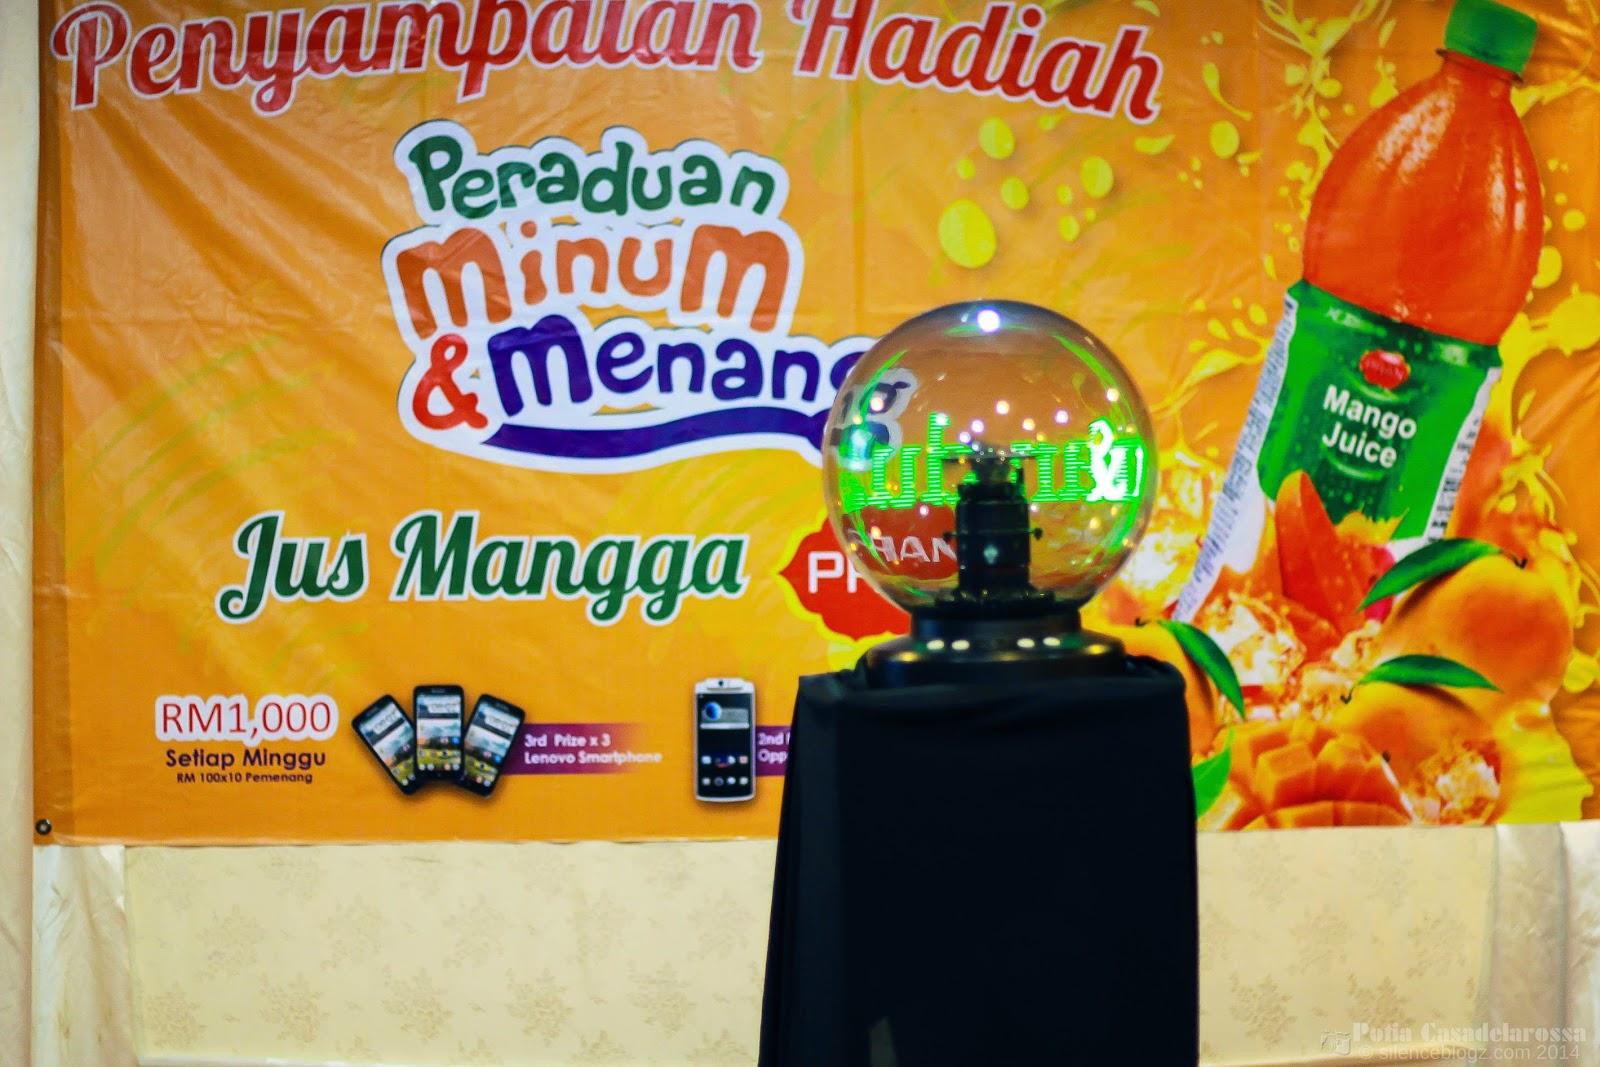 Penyampaian hadiah Pemenang Jus Mangga PRAN Antara produk di bawah jenama PRAN